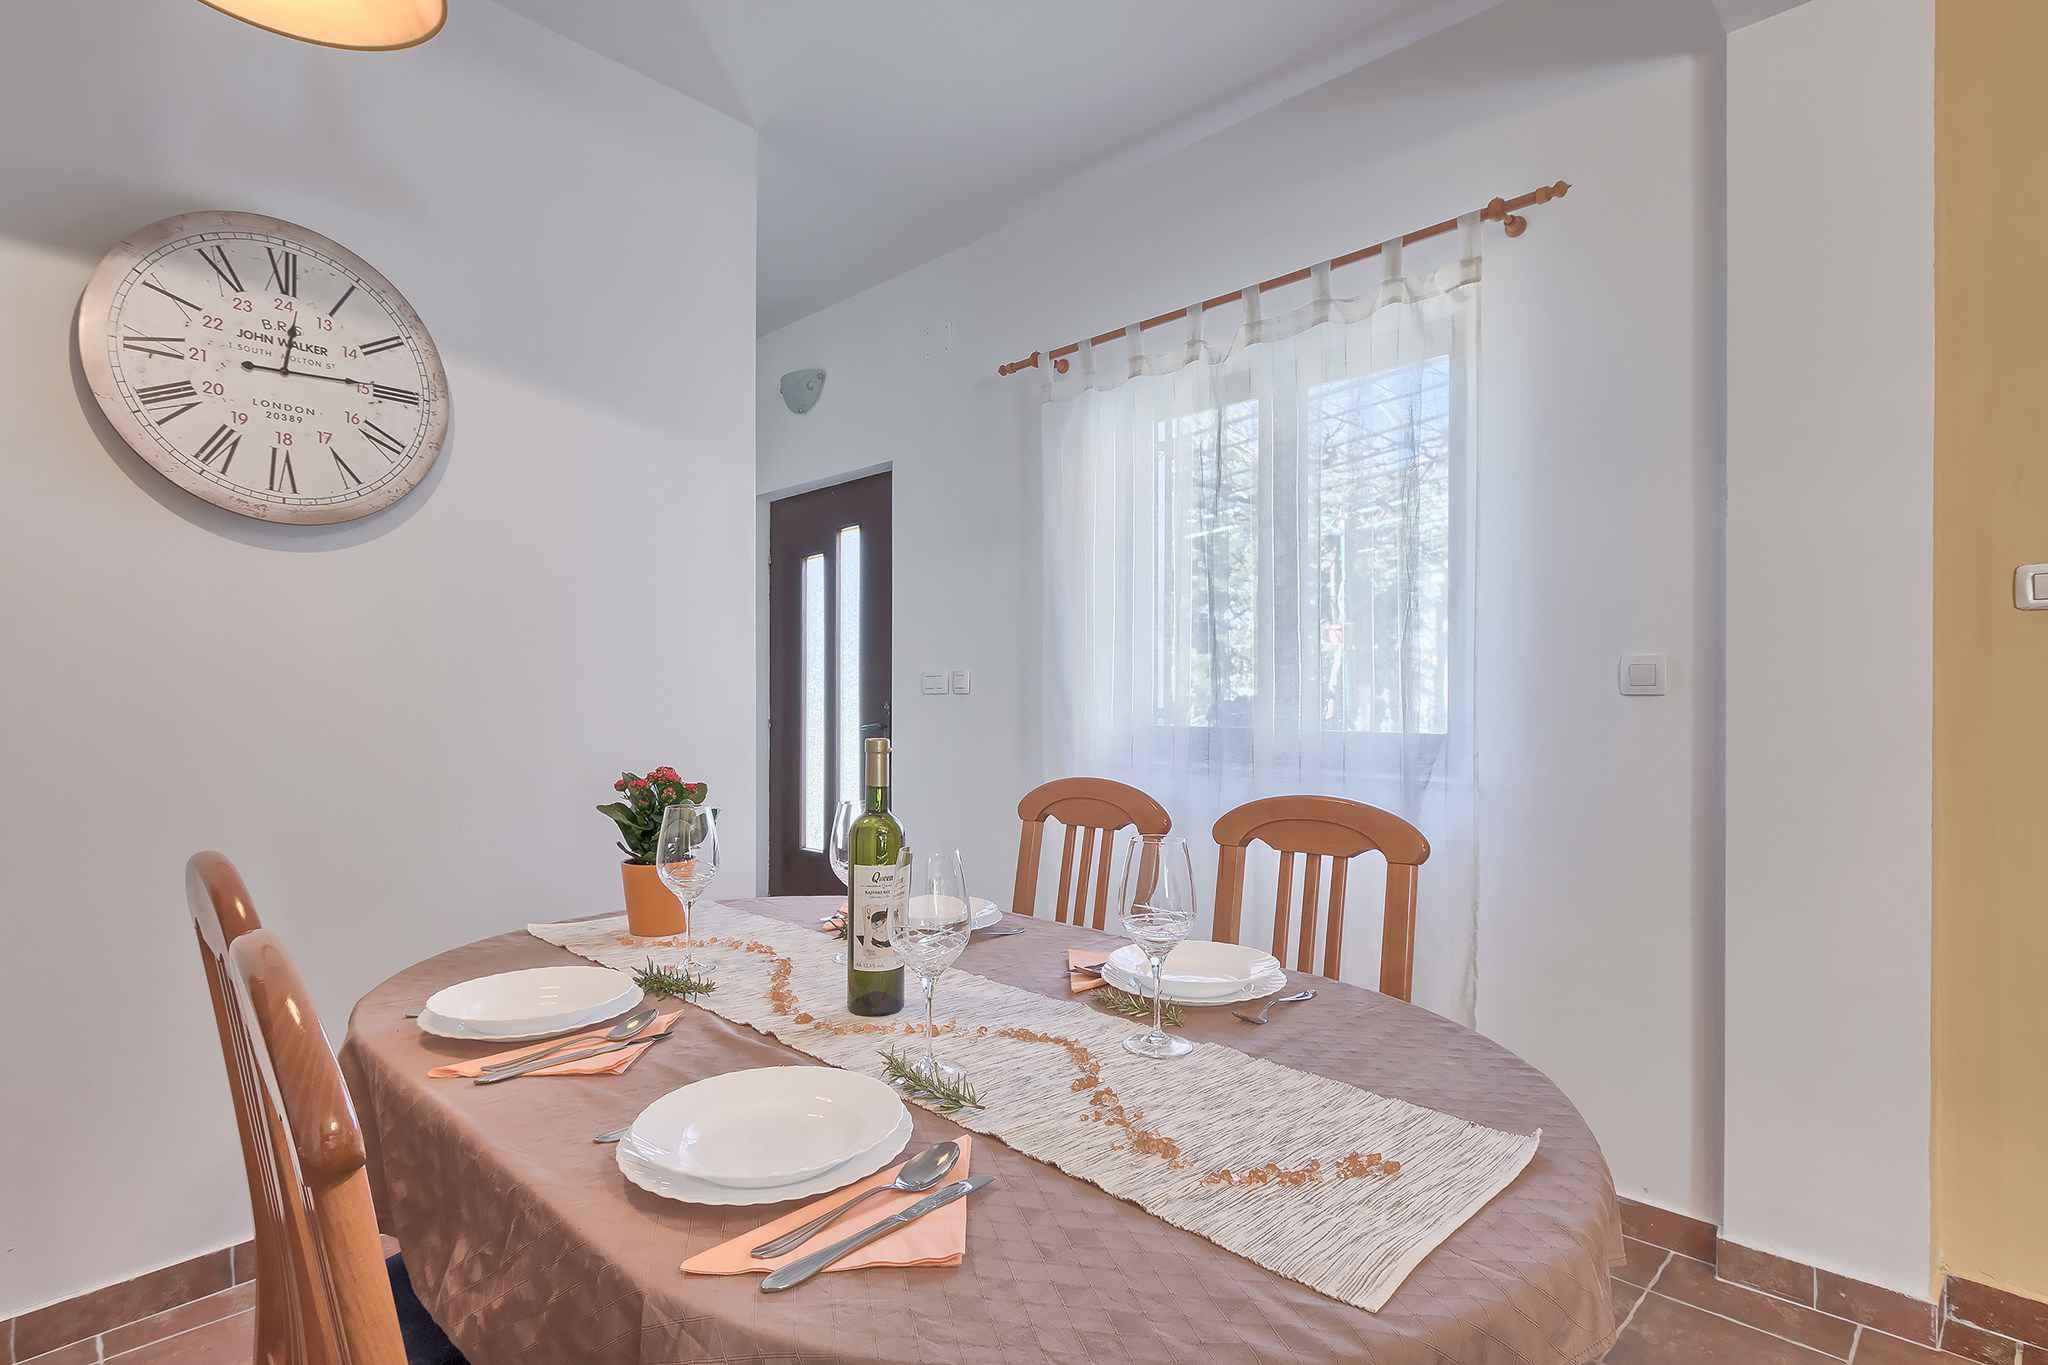 Ferienhaus mit Garten (470324), Marcana, , Istrien, Kroatien, Bild 11